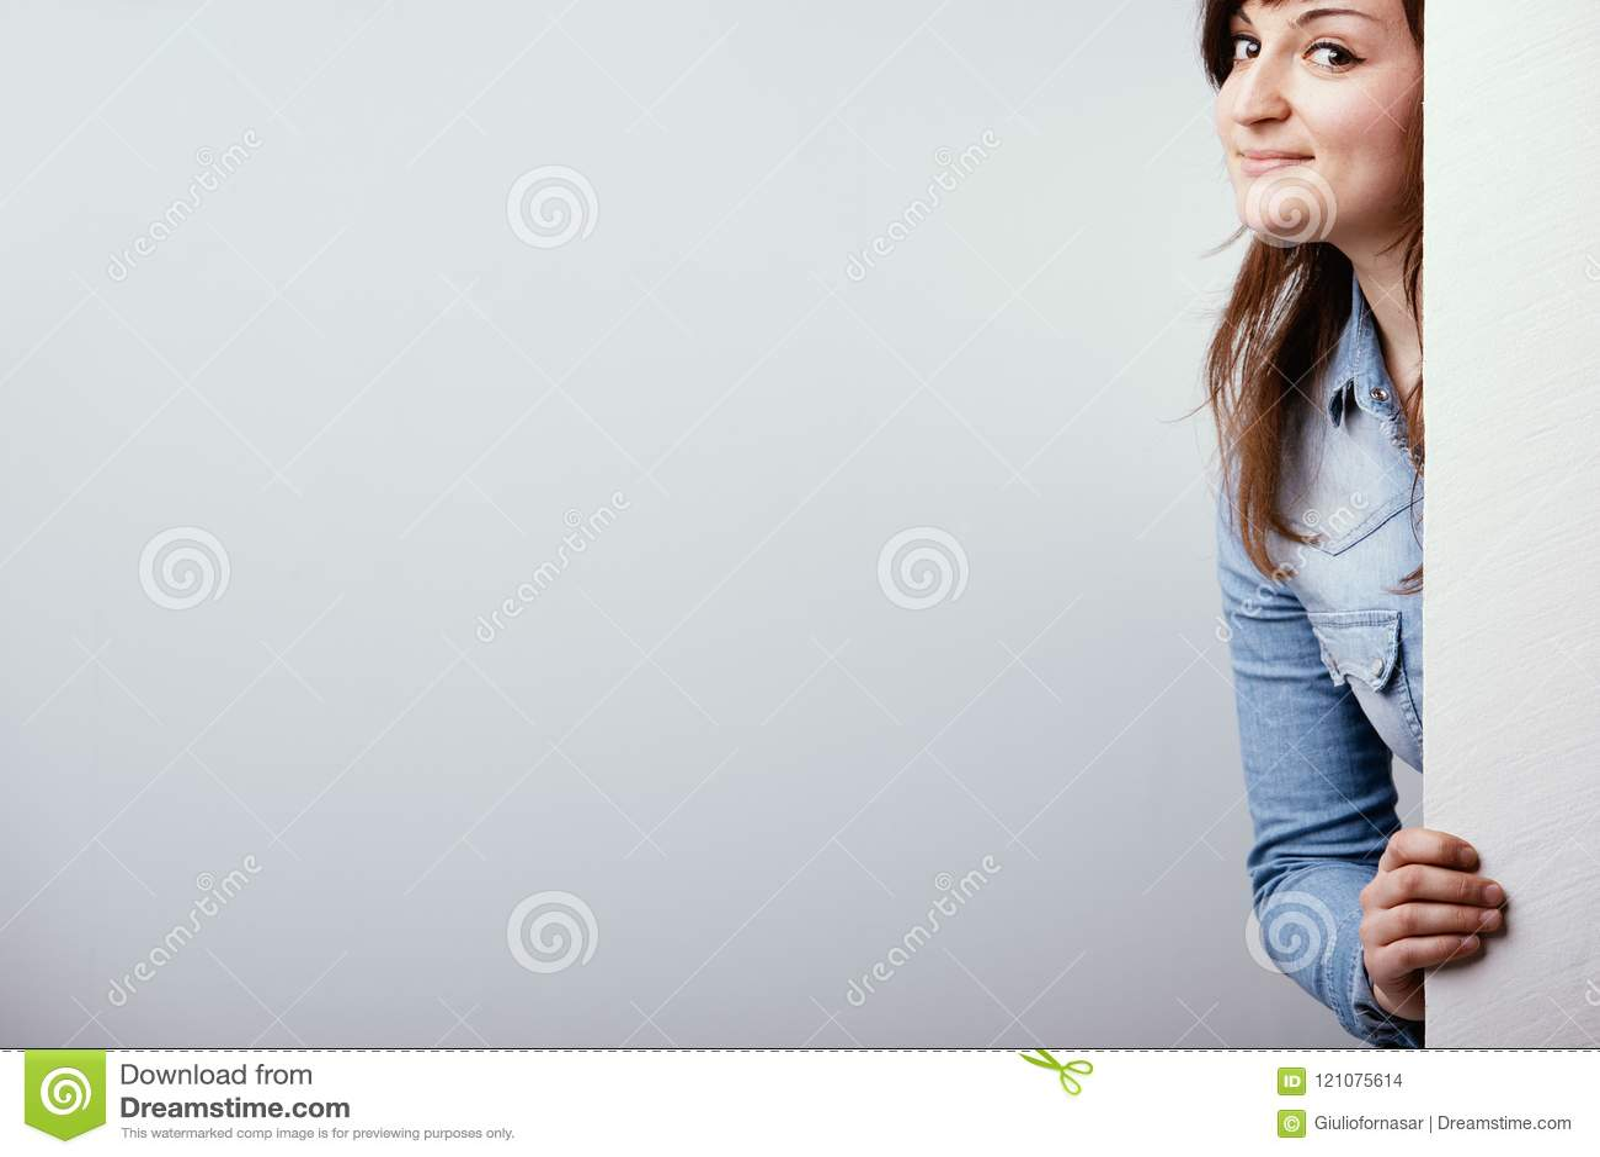 Mujer joven fresca que mira alrededor de una muestra